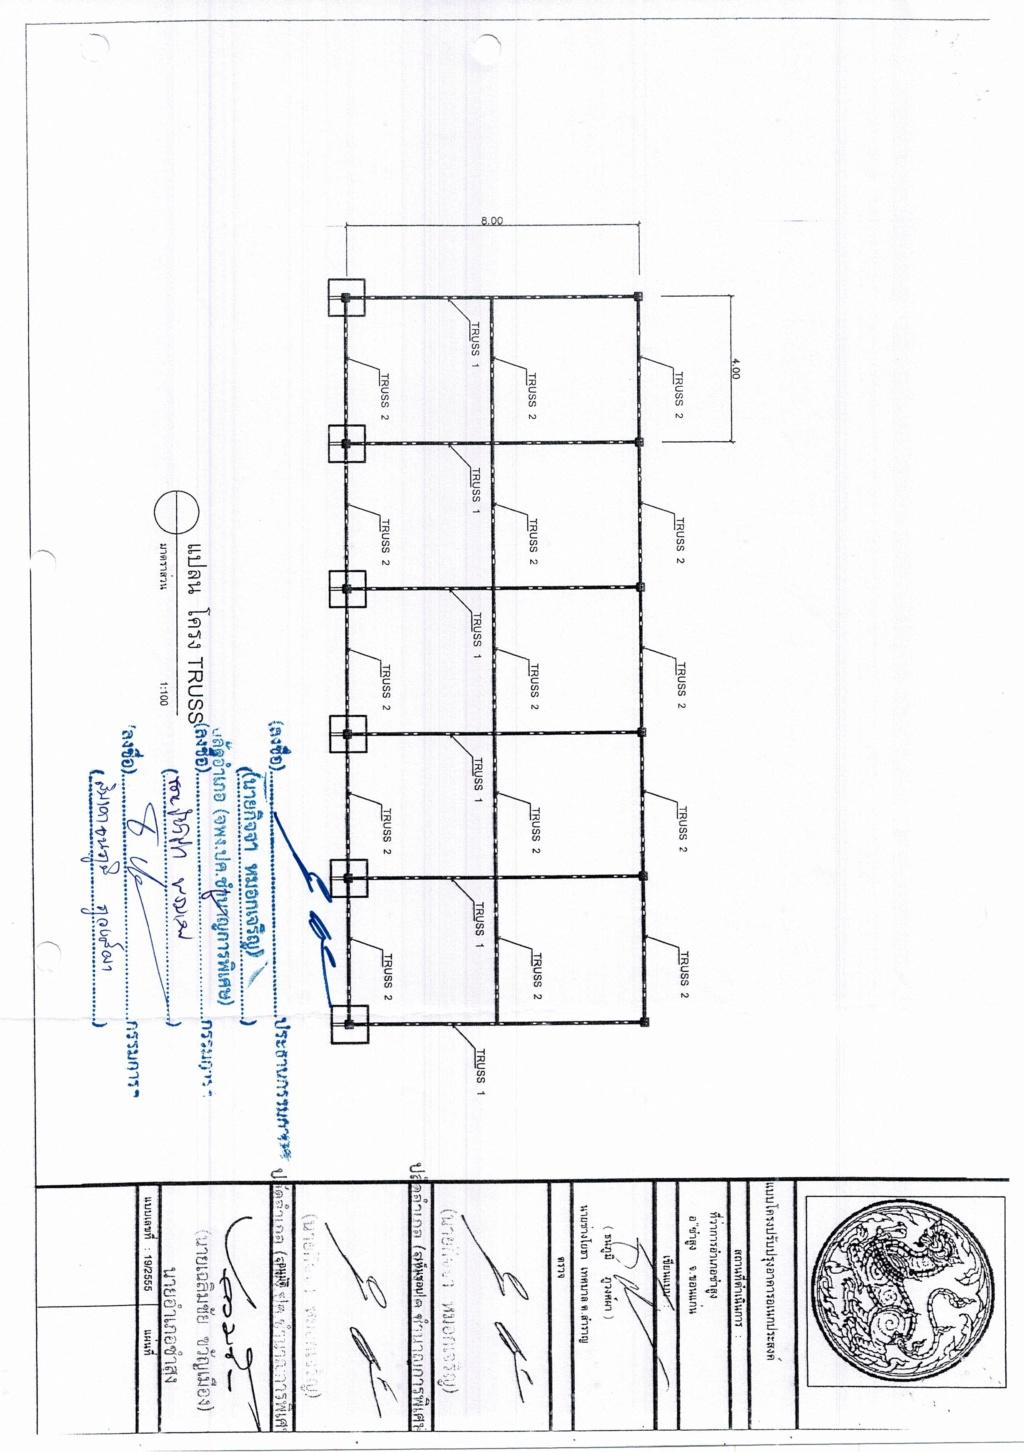 โครงการปรับปรุงอาคารหอประชุม อำเภอซำสูง จังหวัดขอนแก่น ประจำปีงบประมาณ 2563   Cci_0023